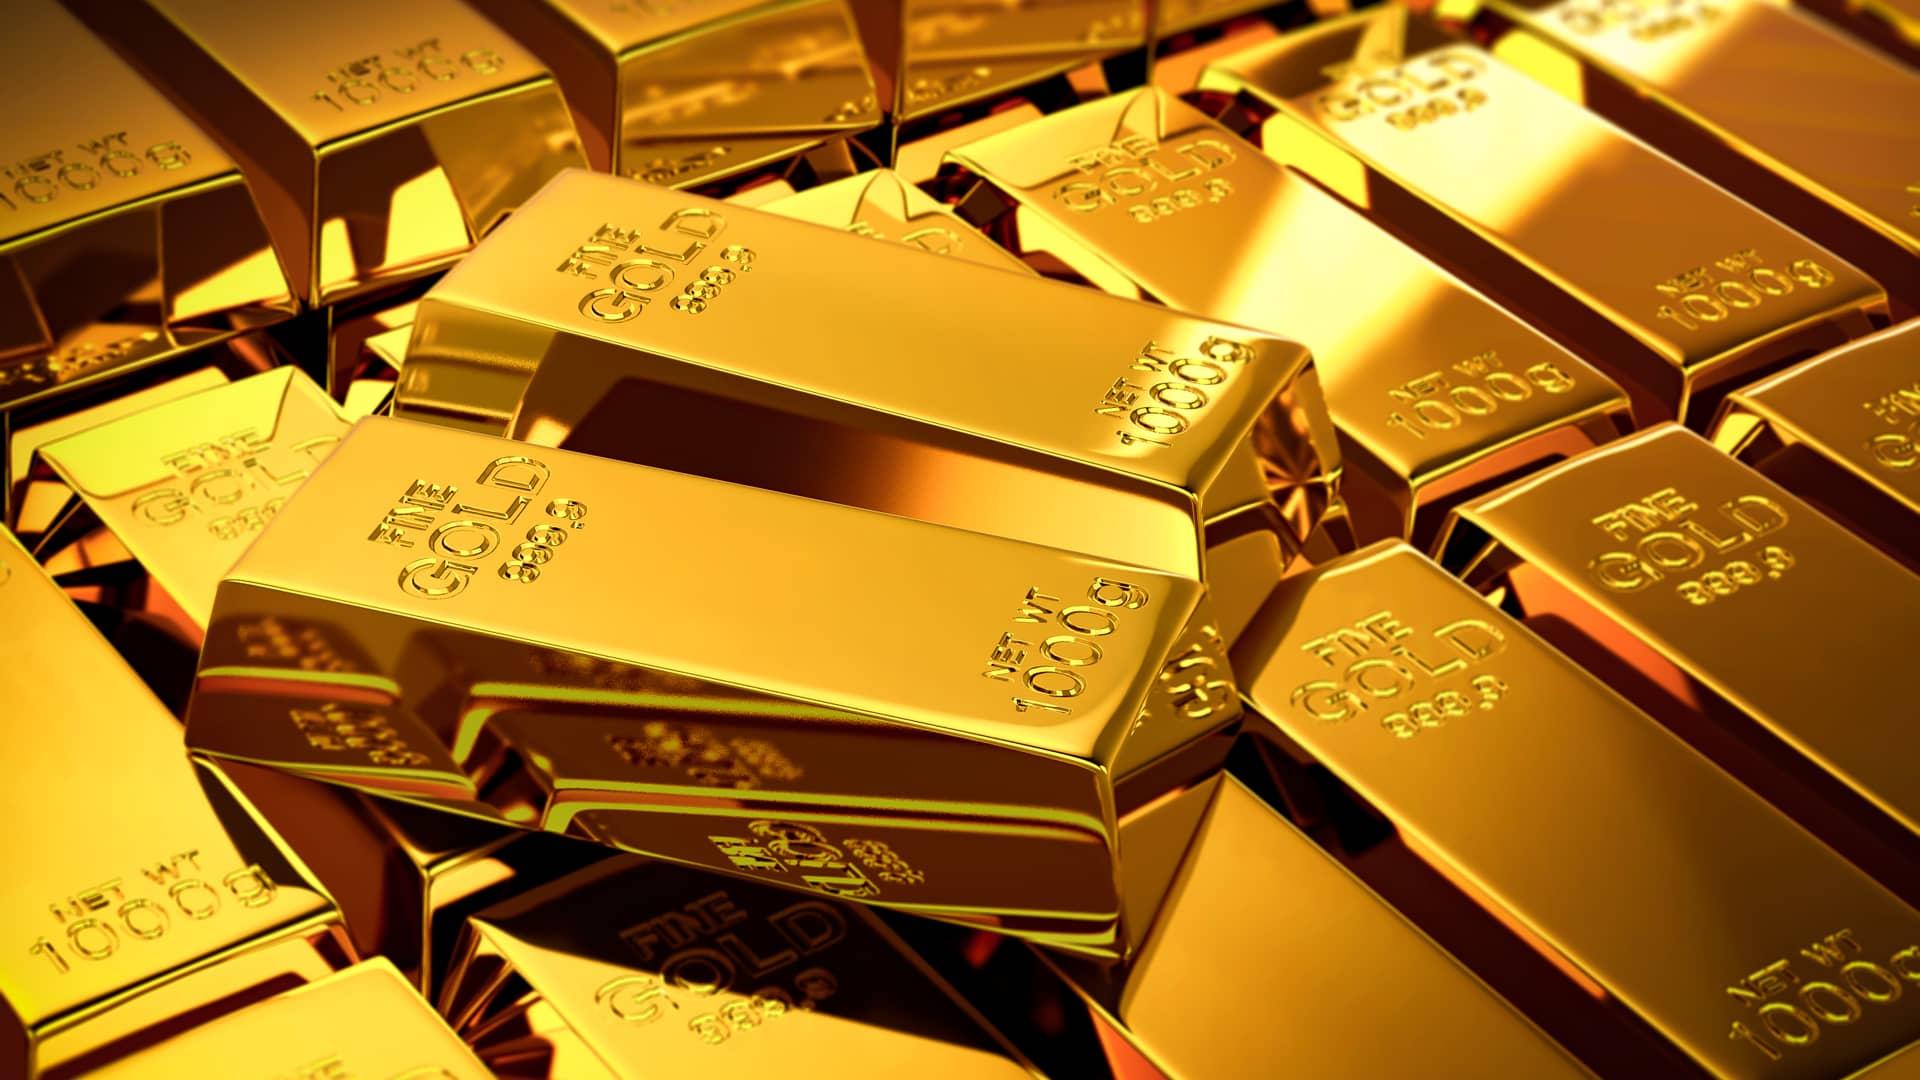 Criptomonedas respaldadas por oro: qué son y cómo funcionan